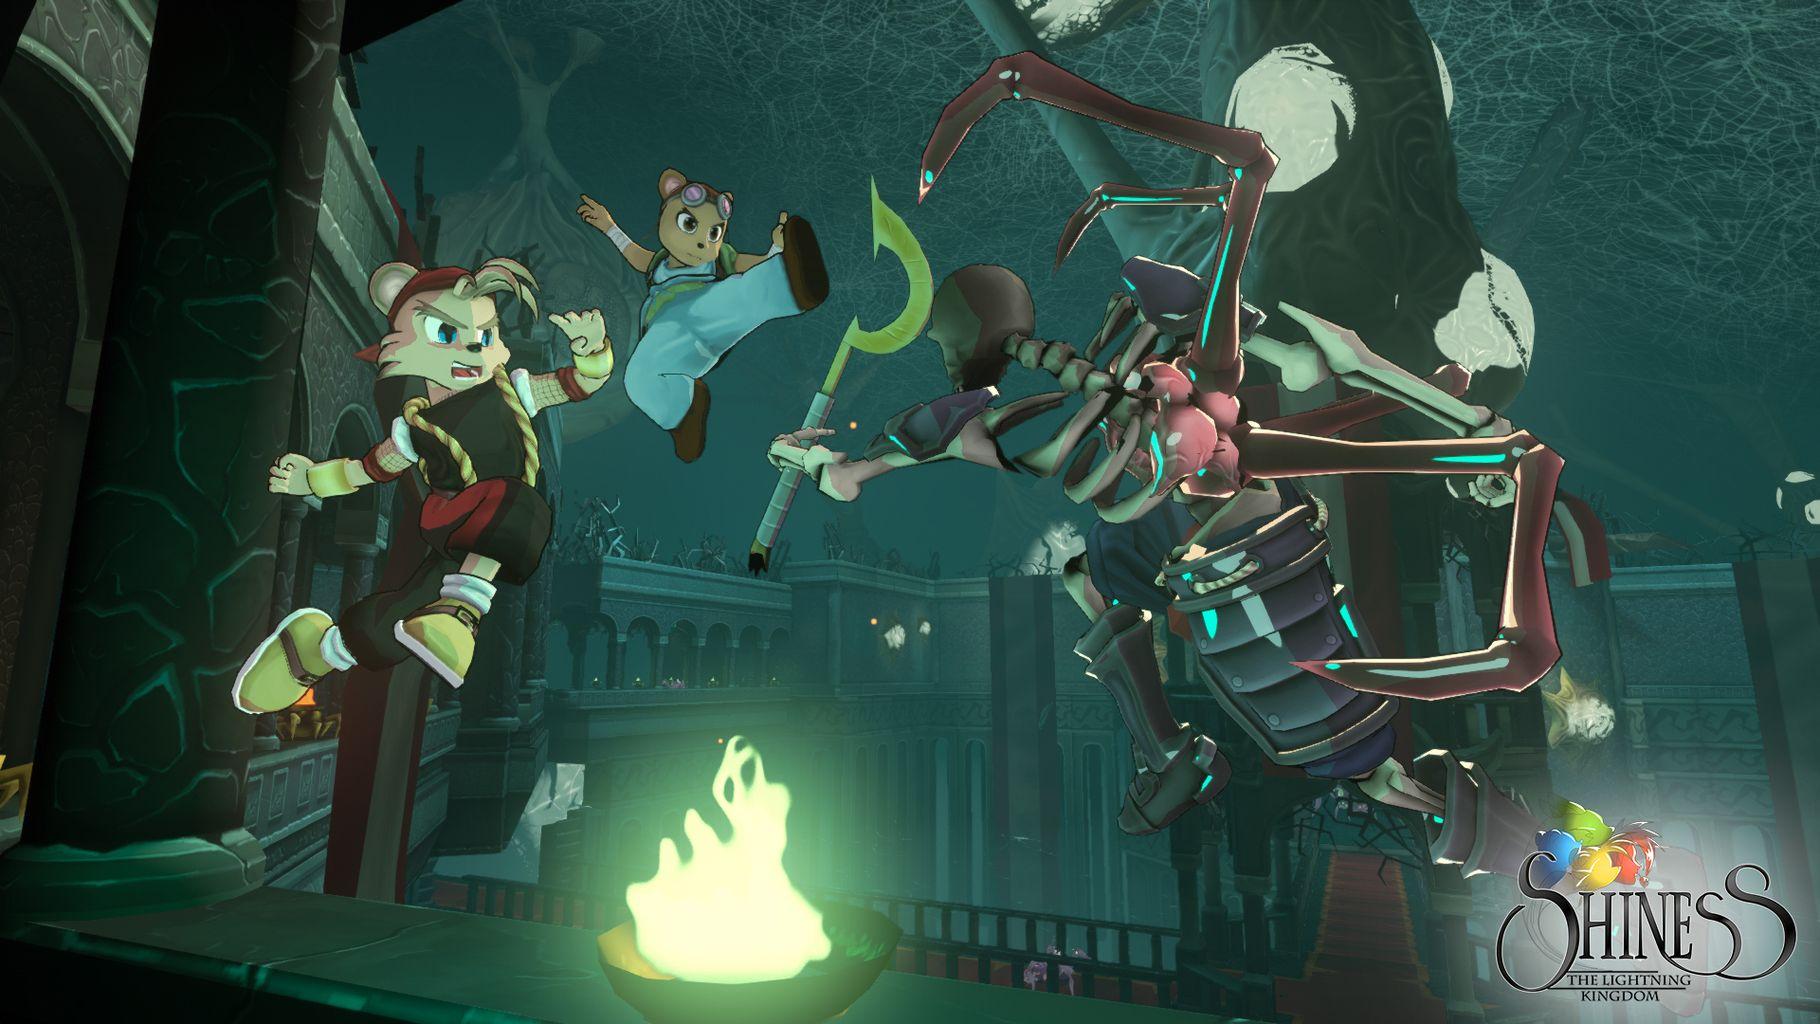 Shiness - The Lightning Kingdom les héros affrontent un squelette géant